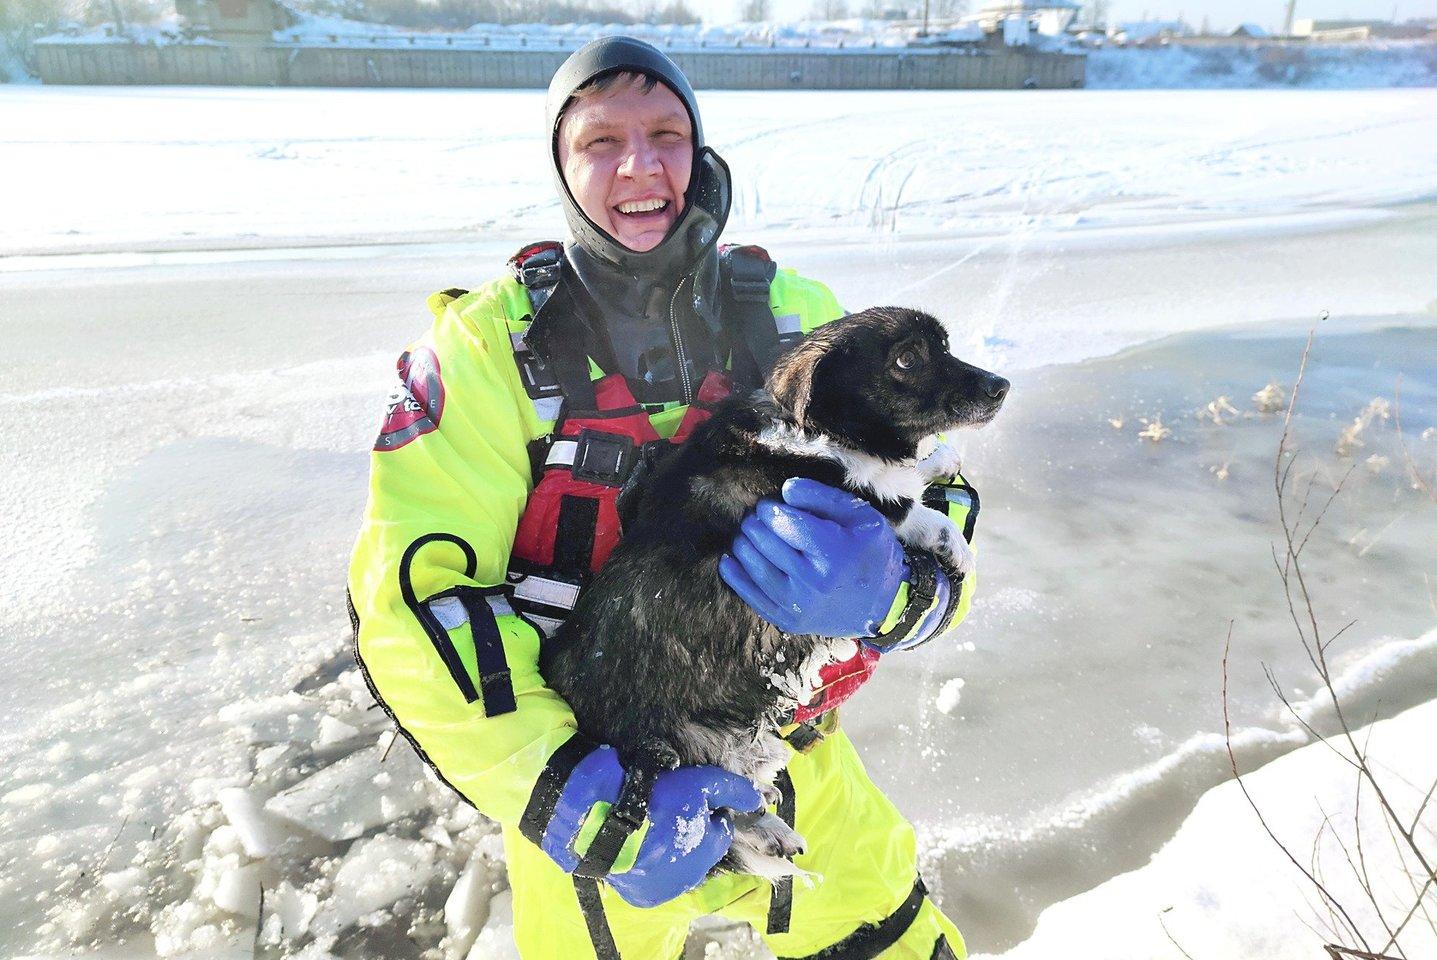 Jurbarko ugniagesiai gelbėtojai beveik valandą užšalusioje prieplaukoje gaudė negalintį į krantą išlipti šunį, kol jis atsidūrė gelbėtojo K.Jokūbaičio glėbyje.